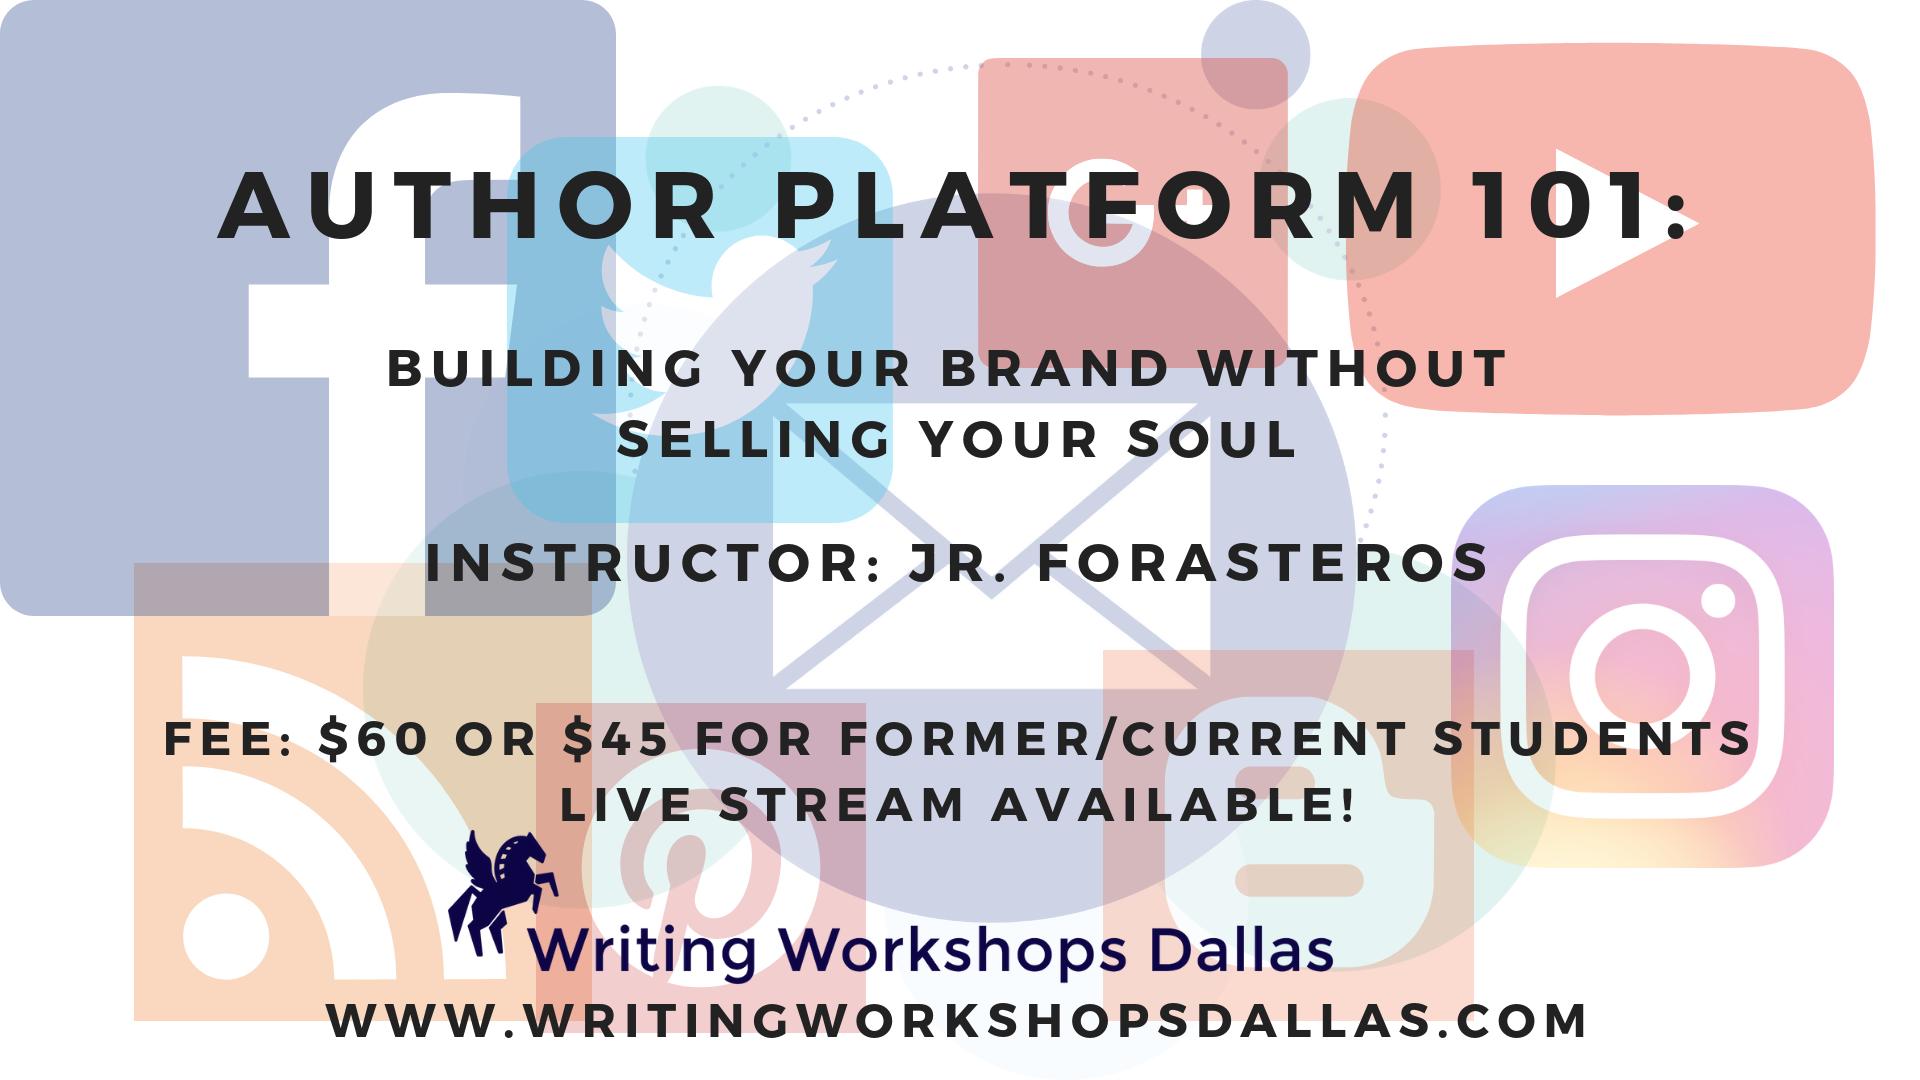 Author Platform 101.png